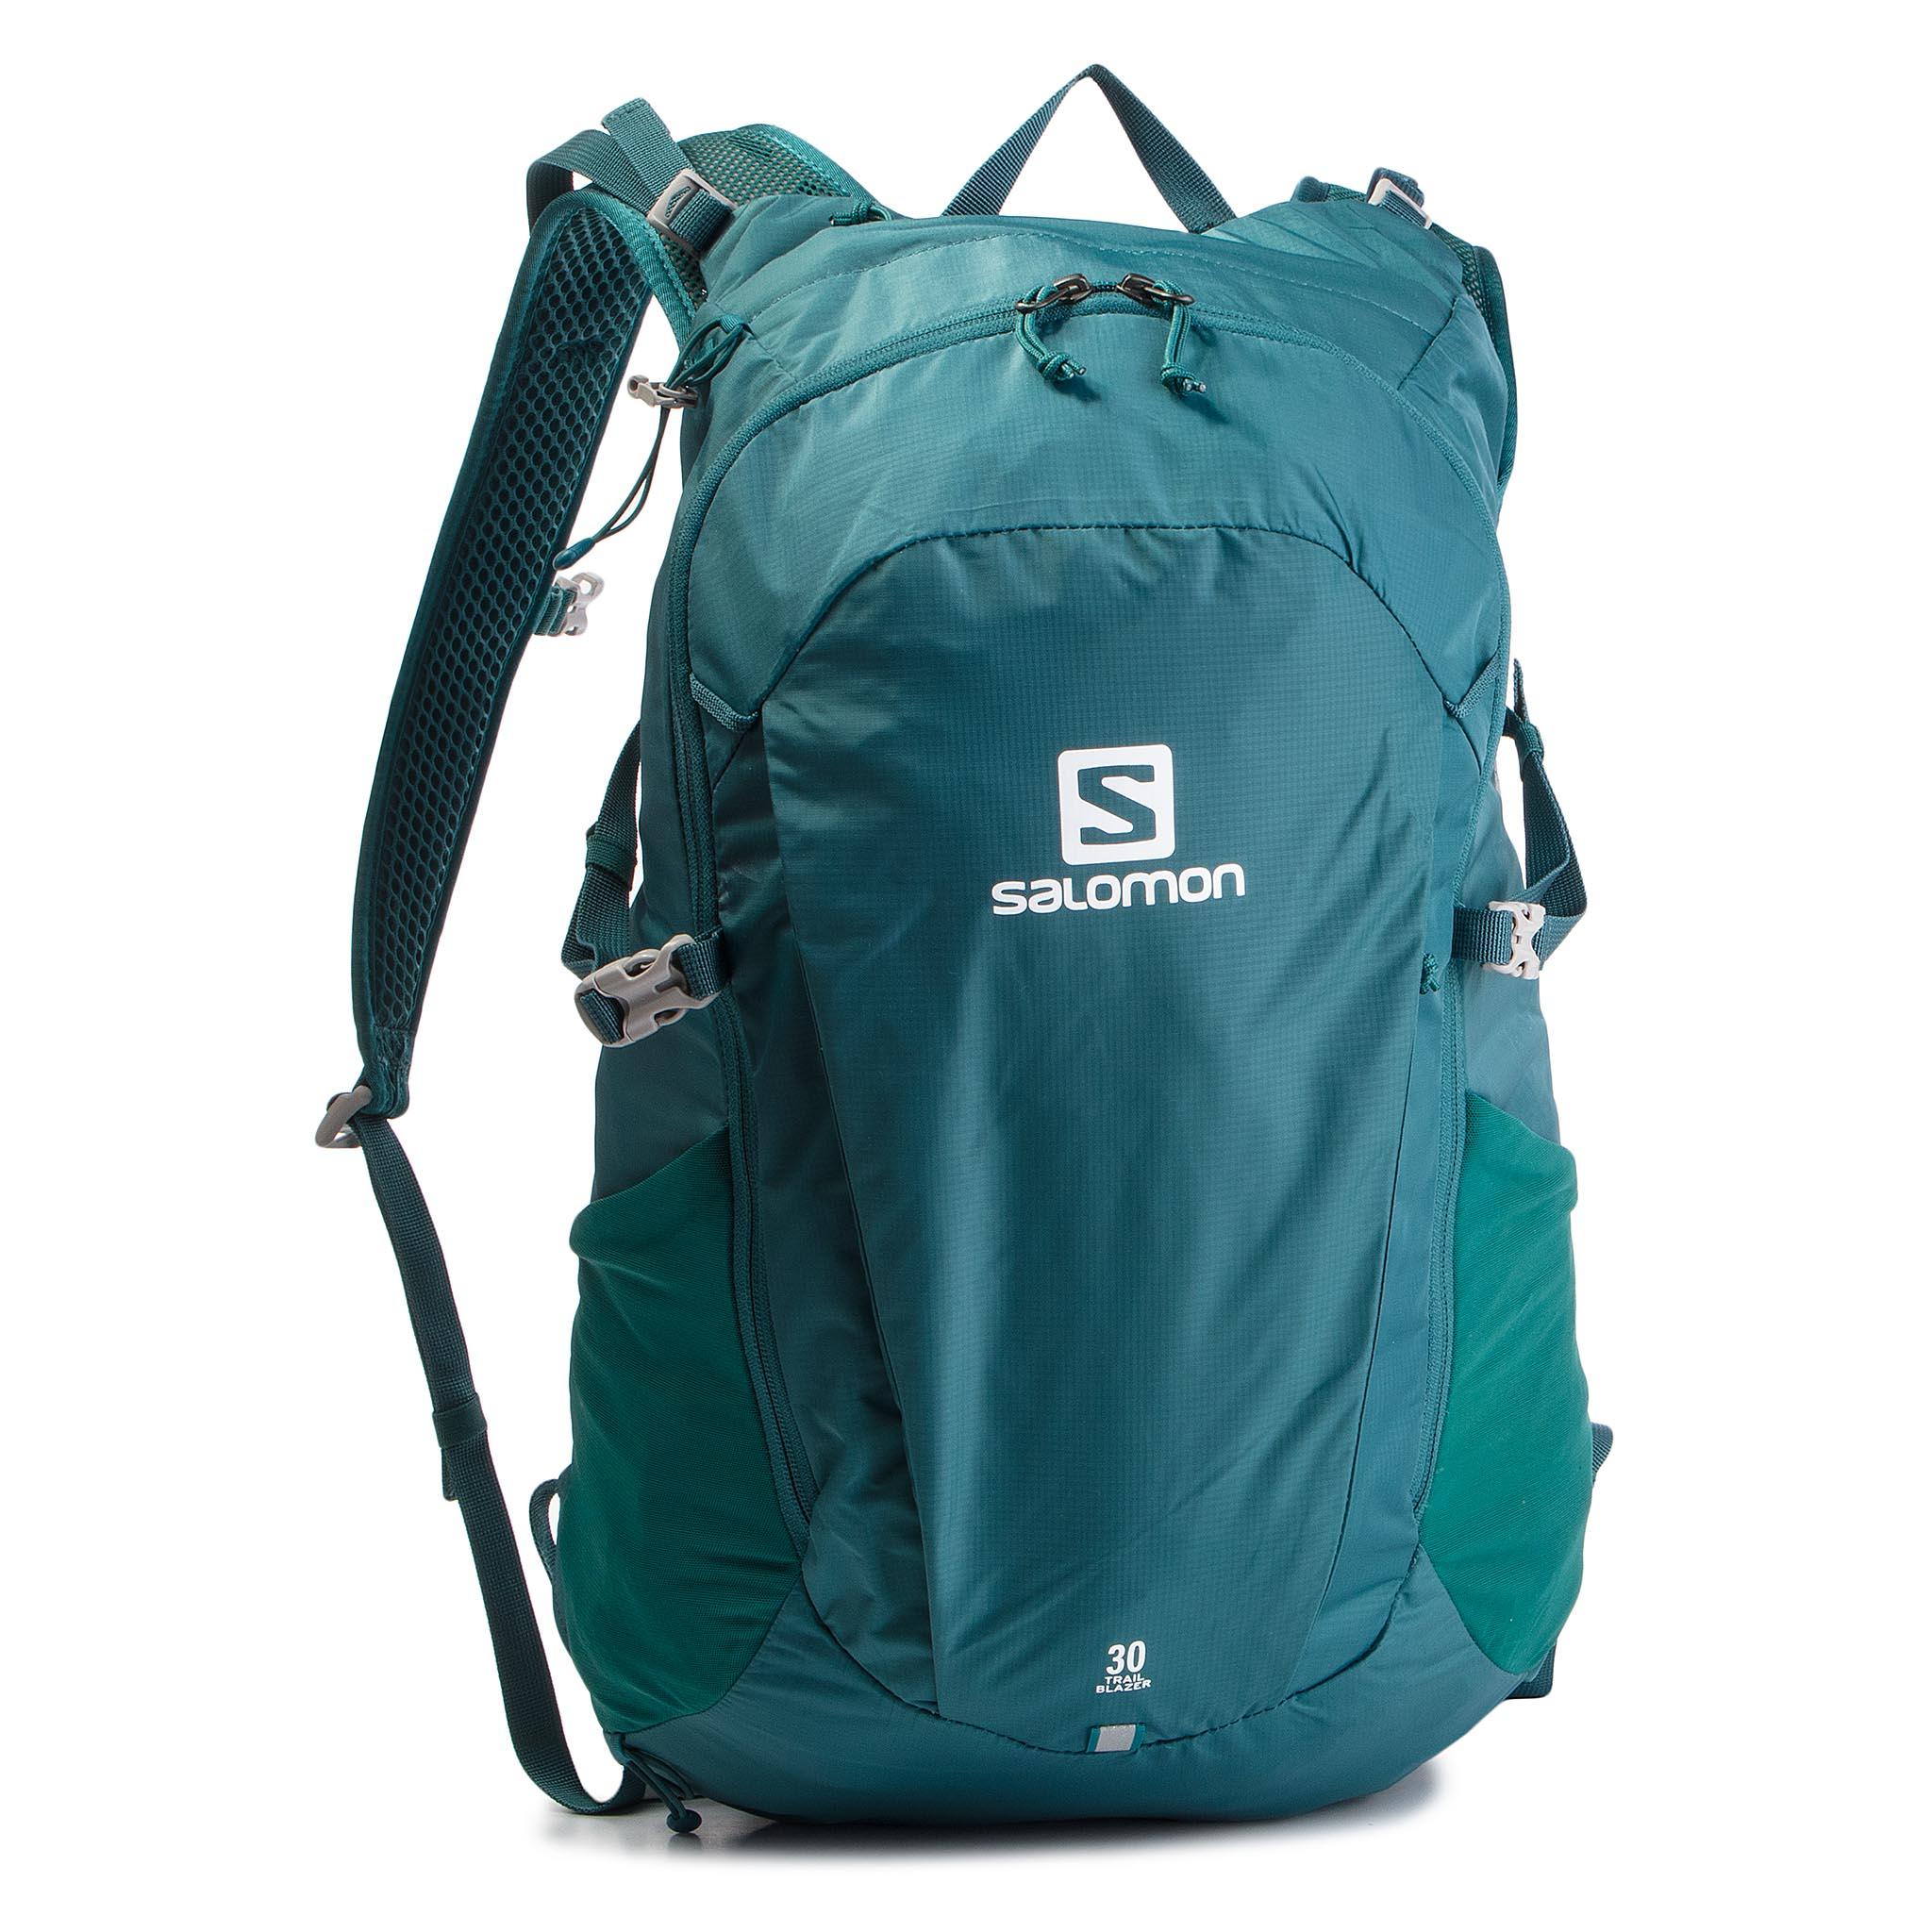 5402f4e10f Ruksak SALOMON - Trailblazer 30 C10843 01 V0 Mediterranea - Glami.sk